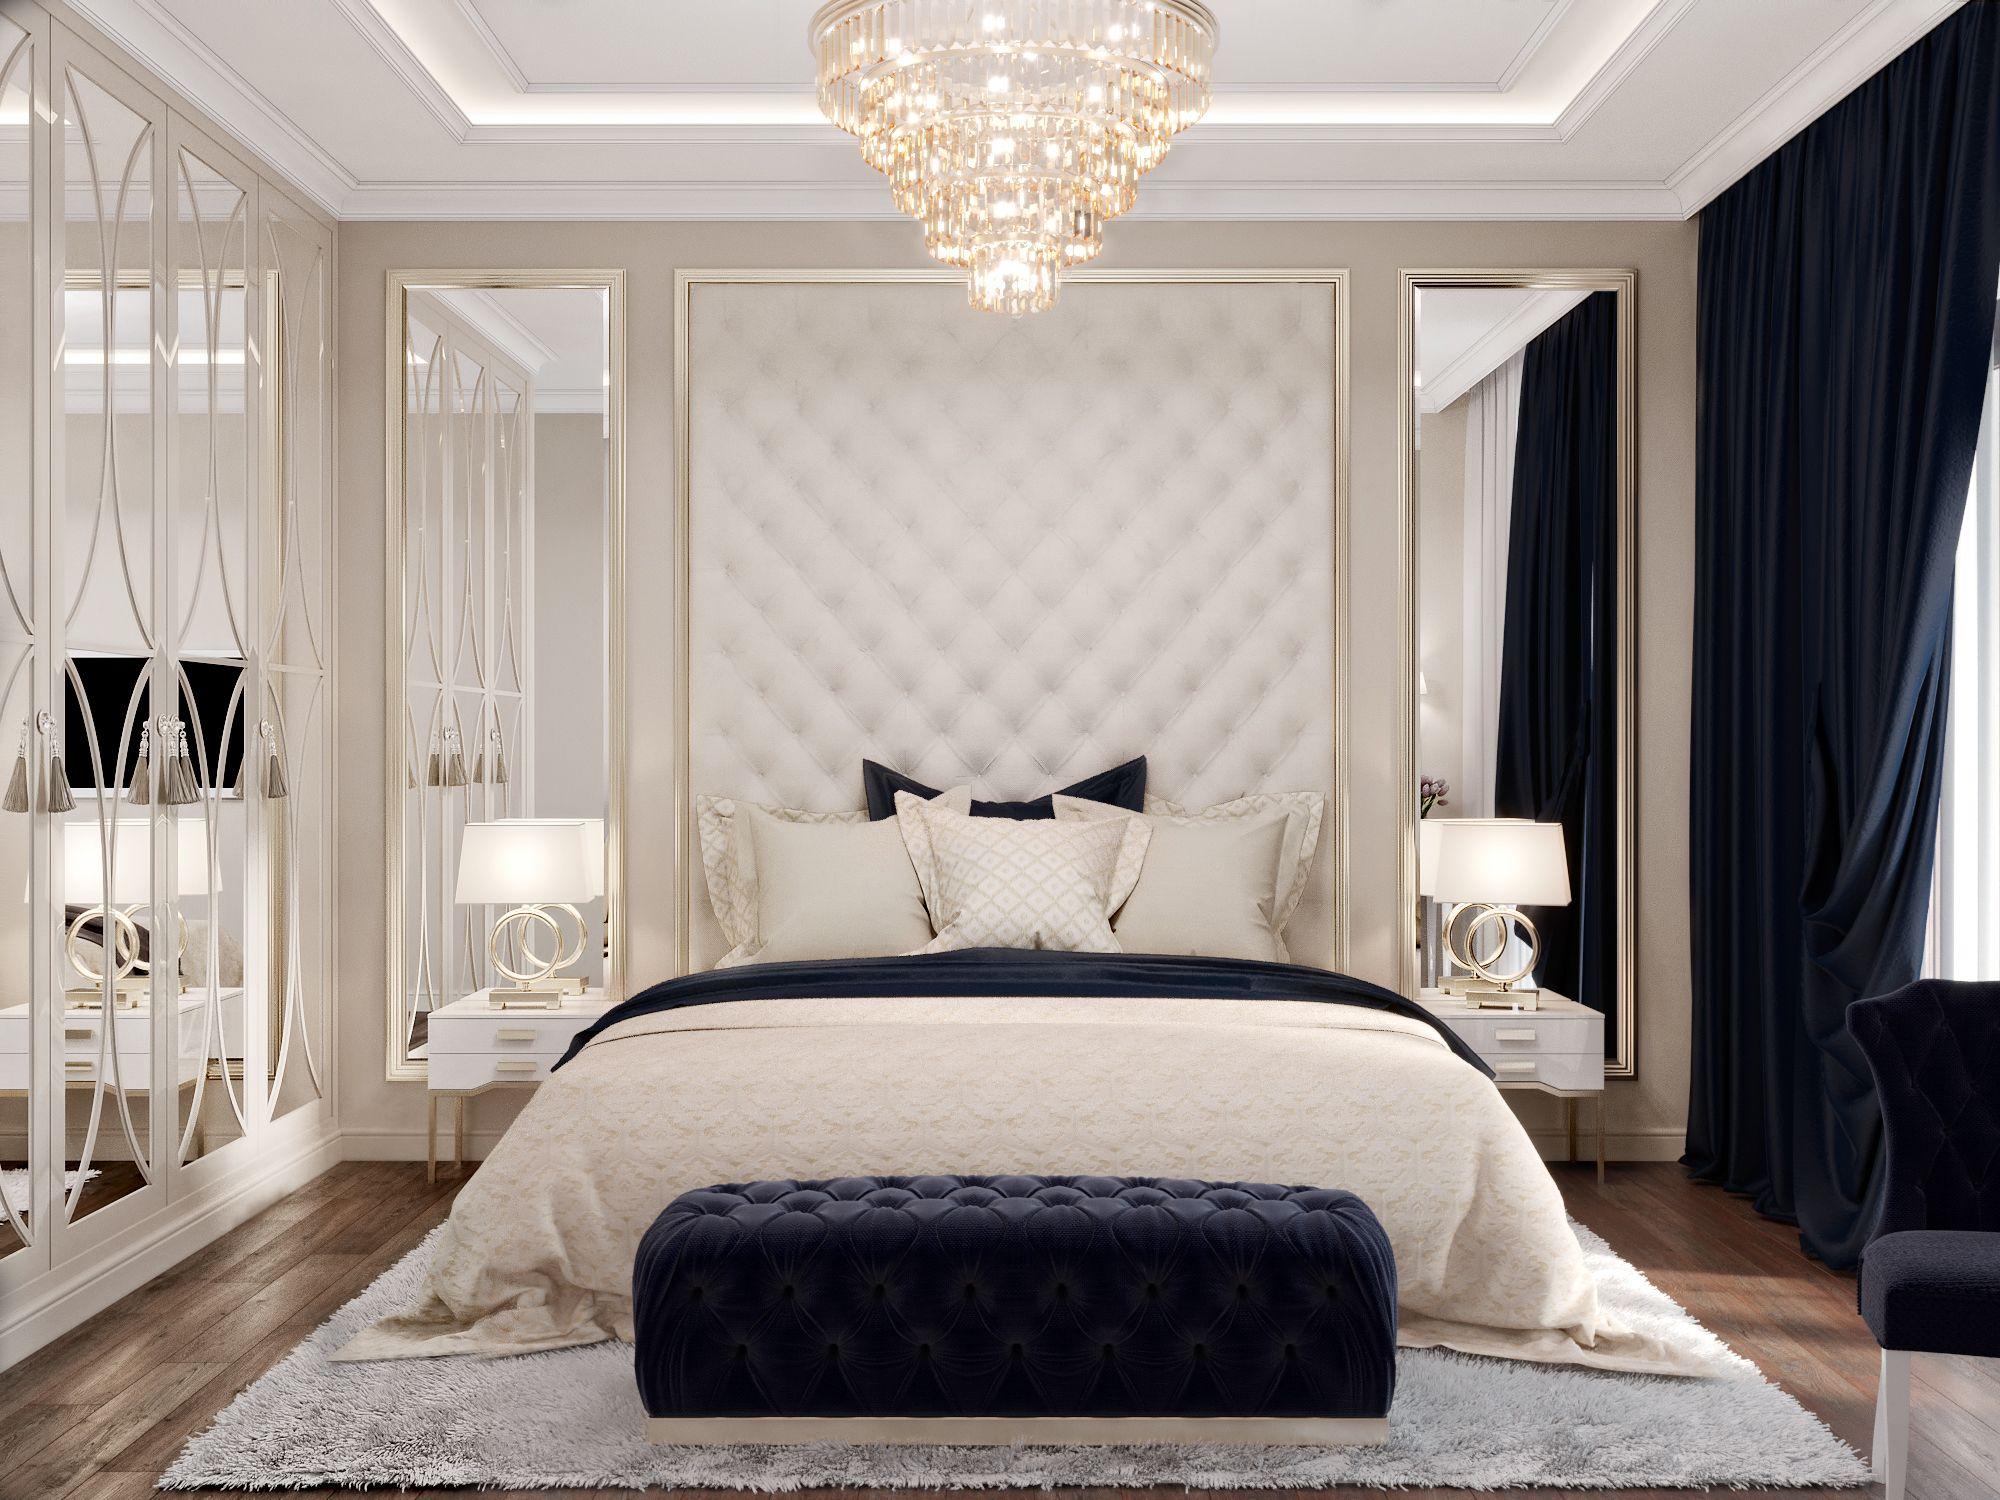 أفضل ديكورات غرف نوم للعرسان كاملة 2020 ديكور غرف نوم مودرن